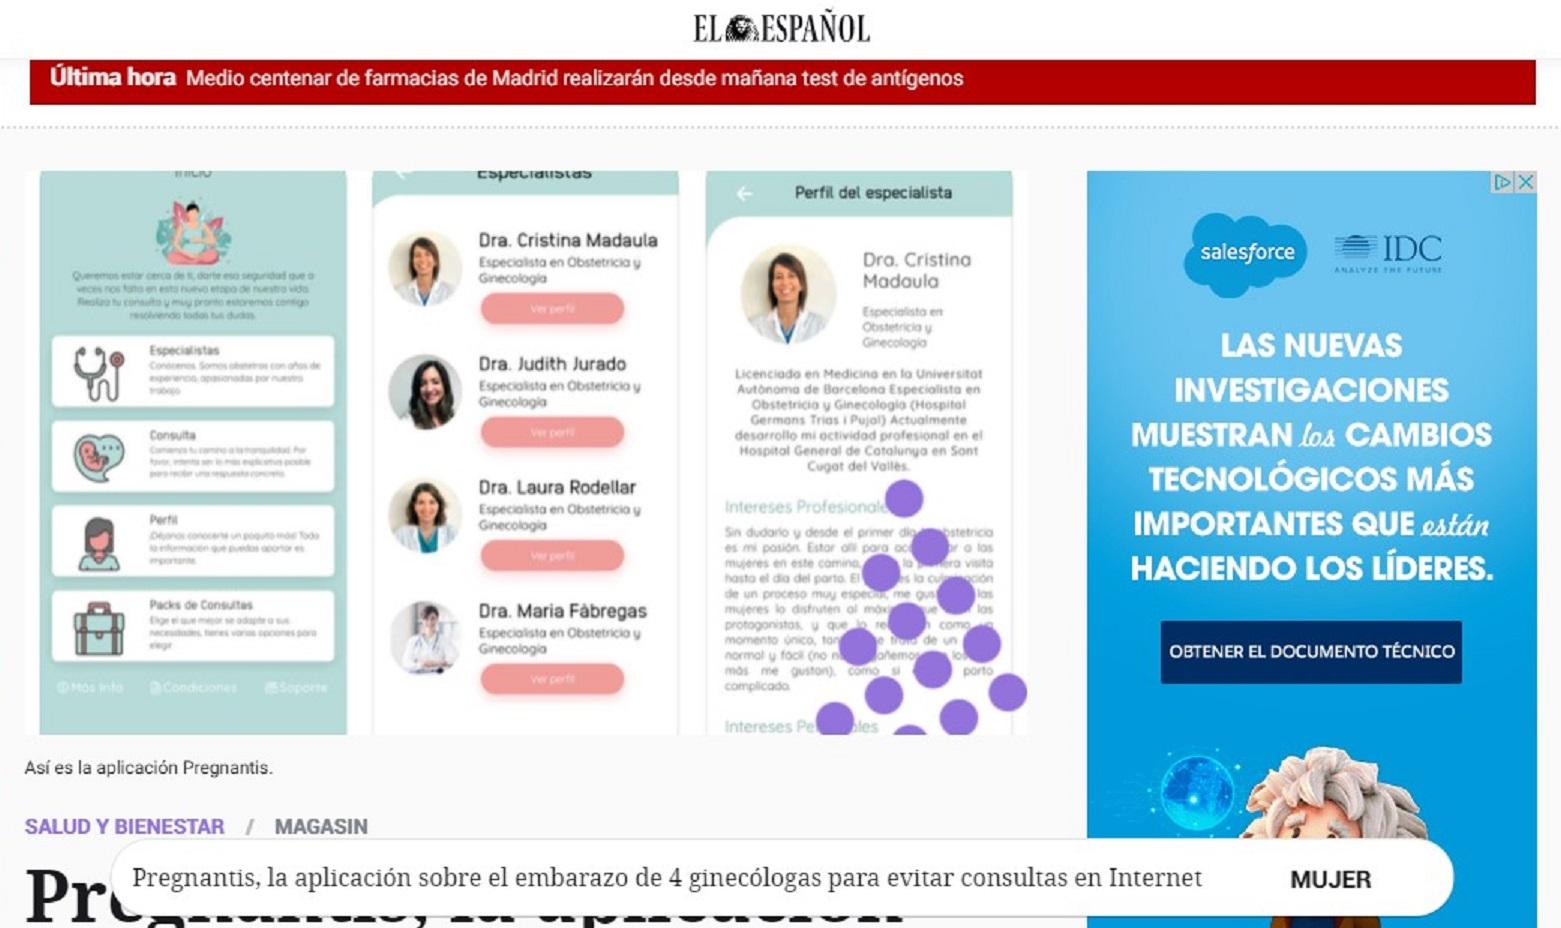 La APP Pregnantis en la sección MagasIN de El Español -14/07/2020 gabinete de prensa